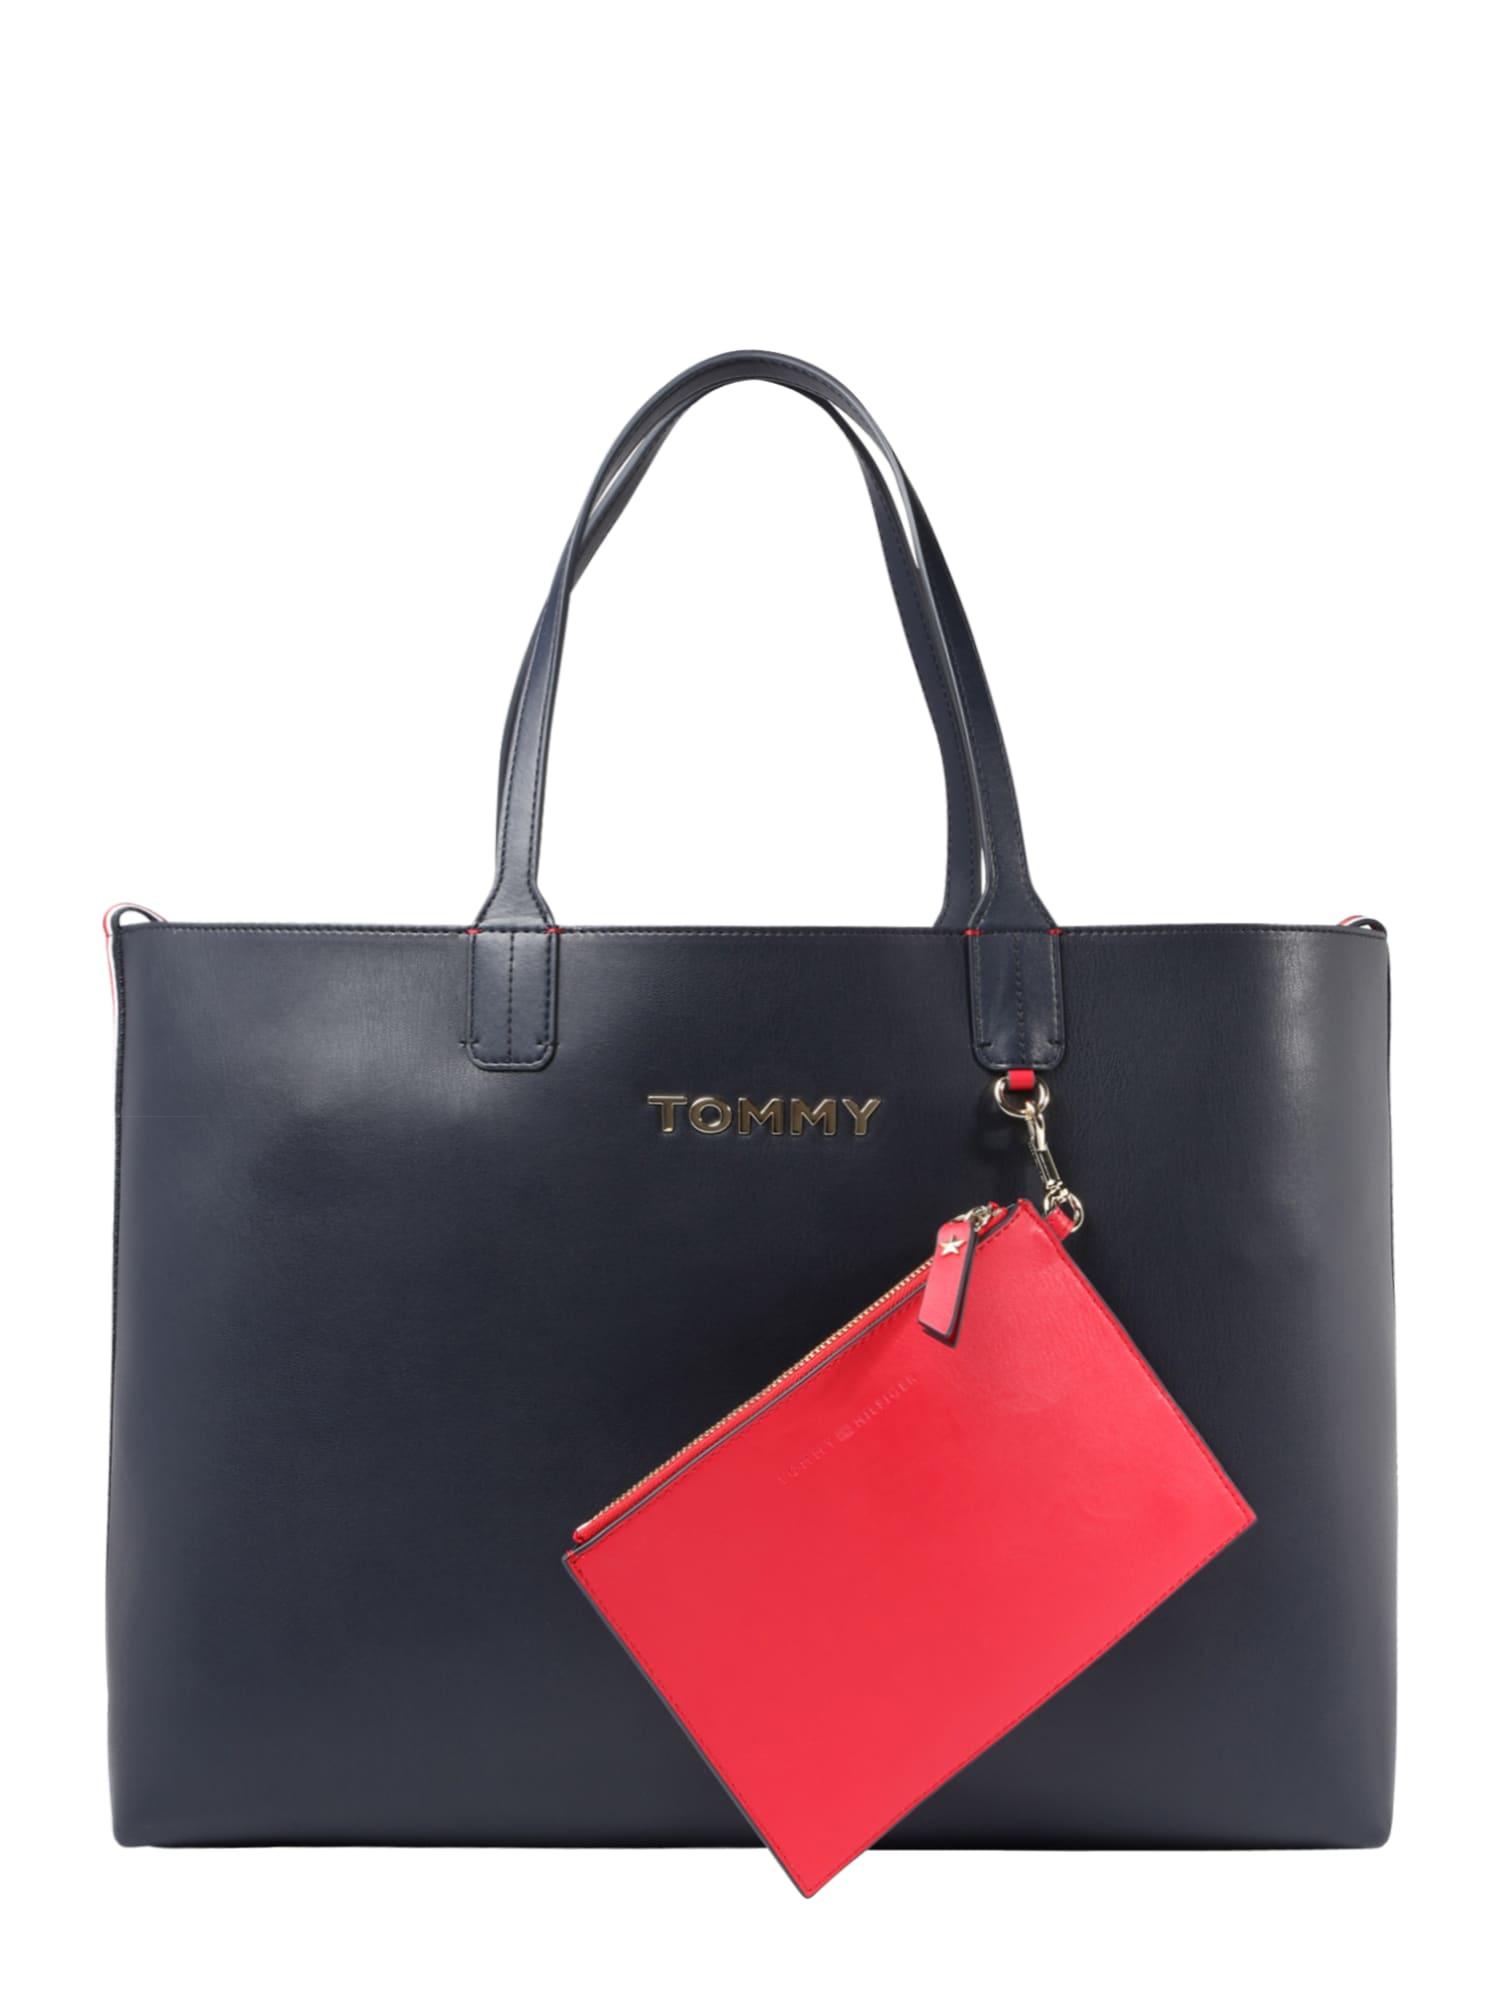 Nákupní taška Iconic Tommy Tote tmavě modrá červená TOMMY HILFIGER